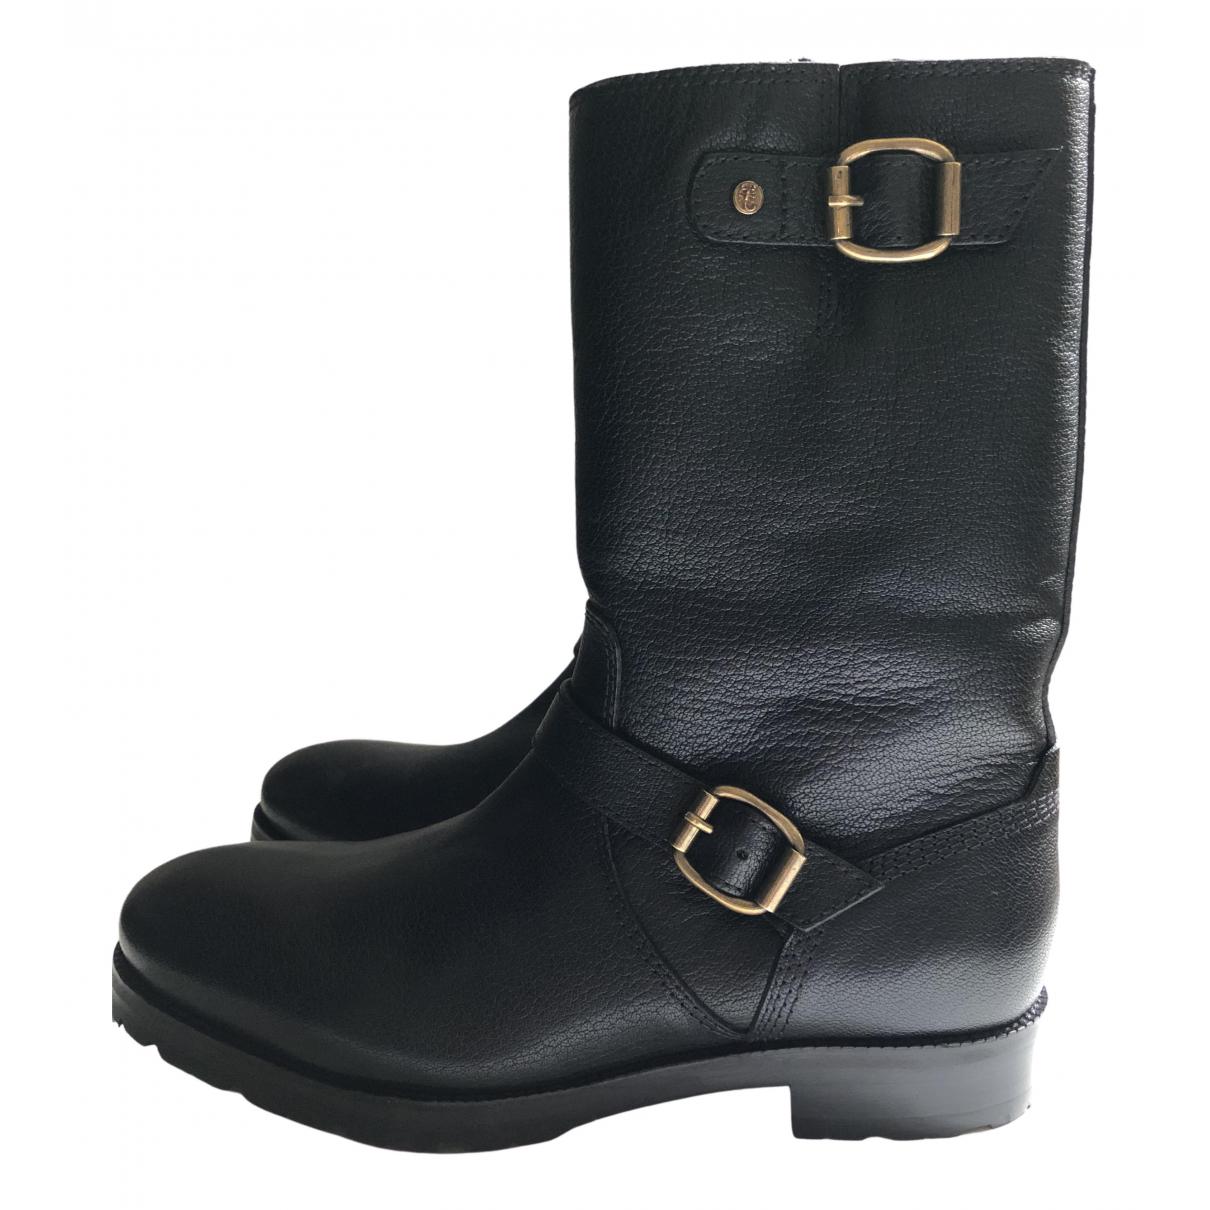 Jimmy Choo - Bottes.Boots   pour homme en cuir - noir